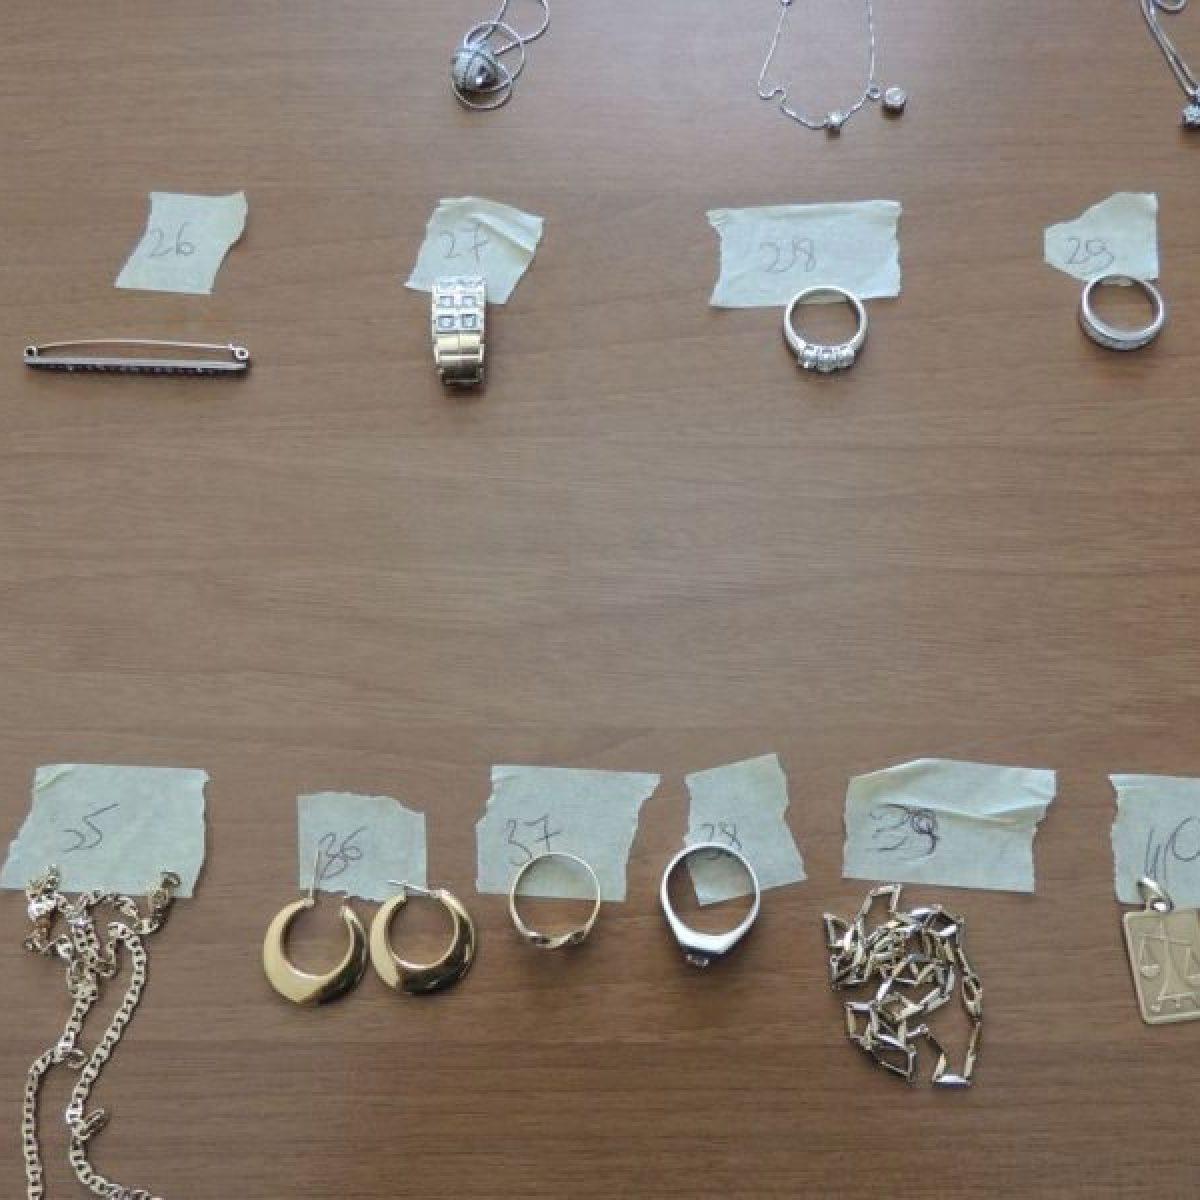 materiali di alta qualità vendita più economica online Massa Carrara, carabiniere ruba soldi e gioielli sequestrati ...